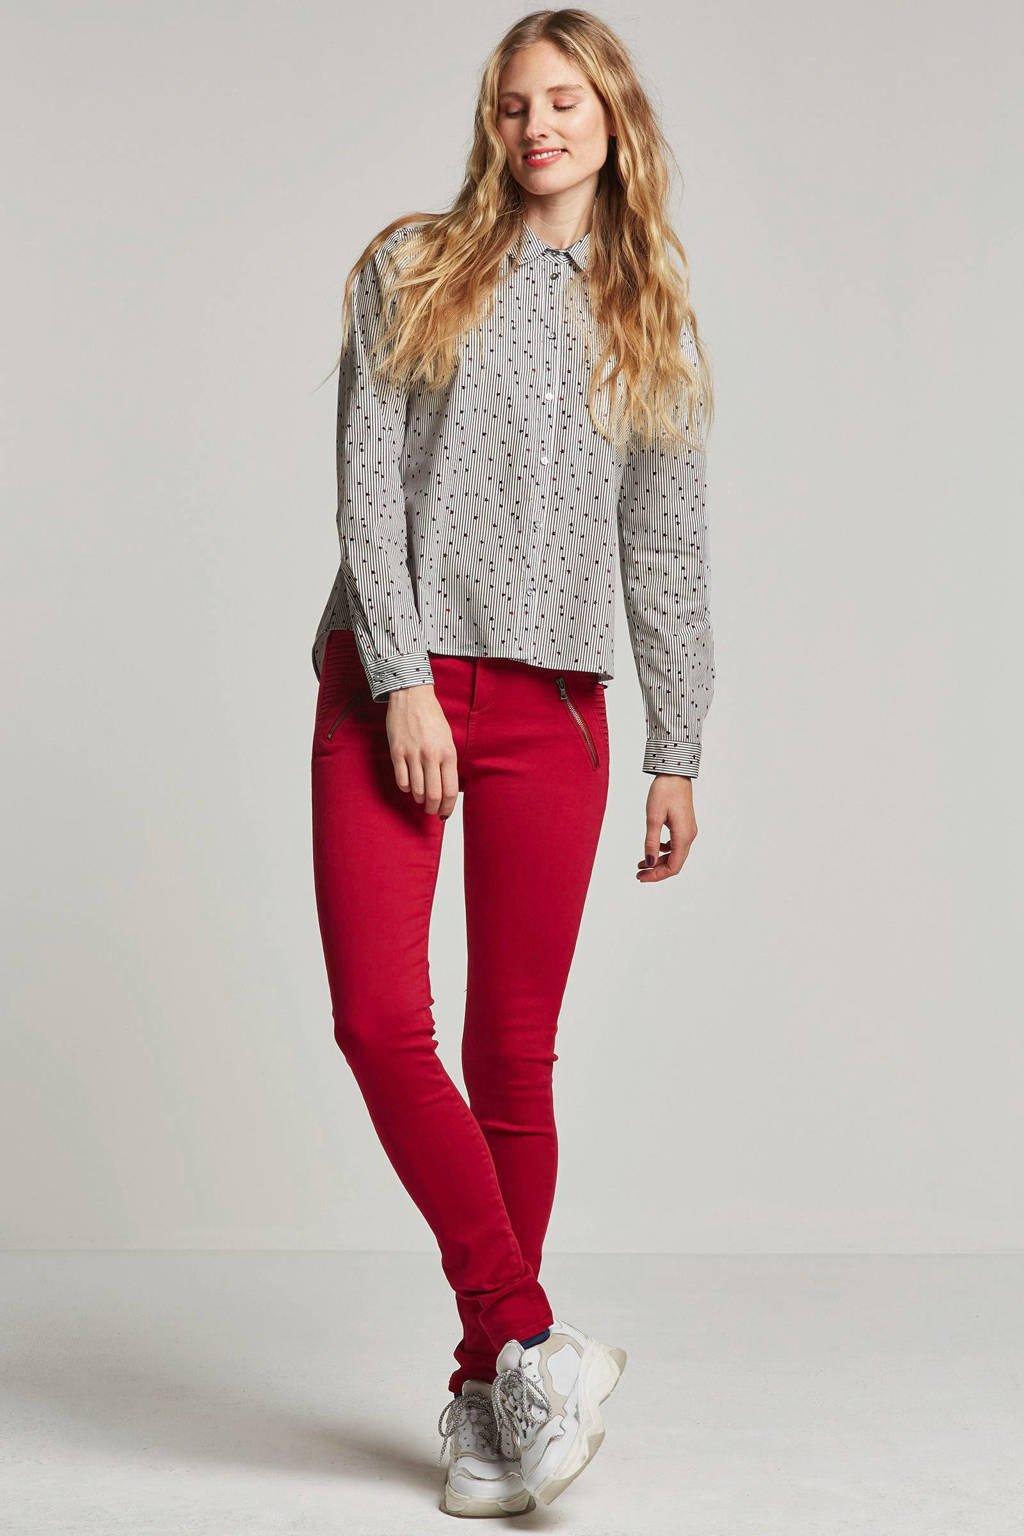 ESPRIT Women Casual gestreepte blouse met bloemenprint, Wit/blauw/rood